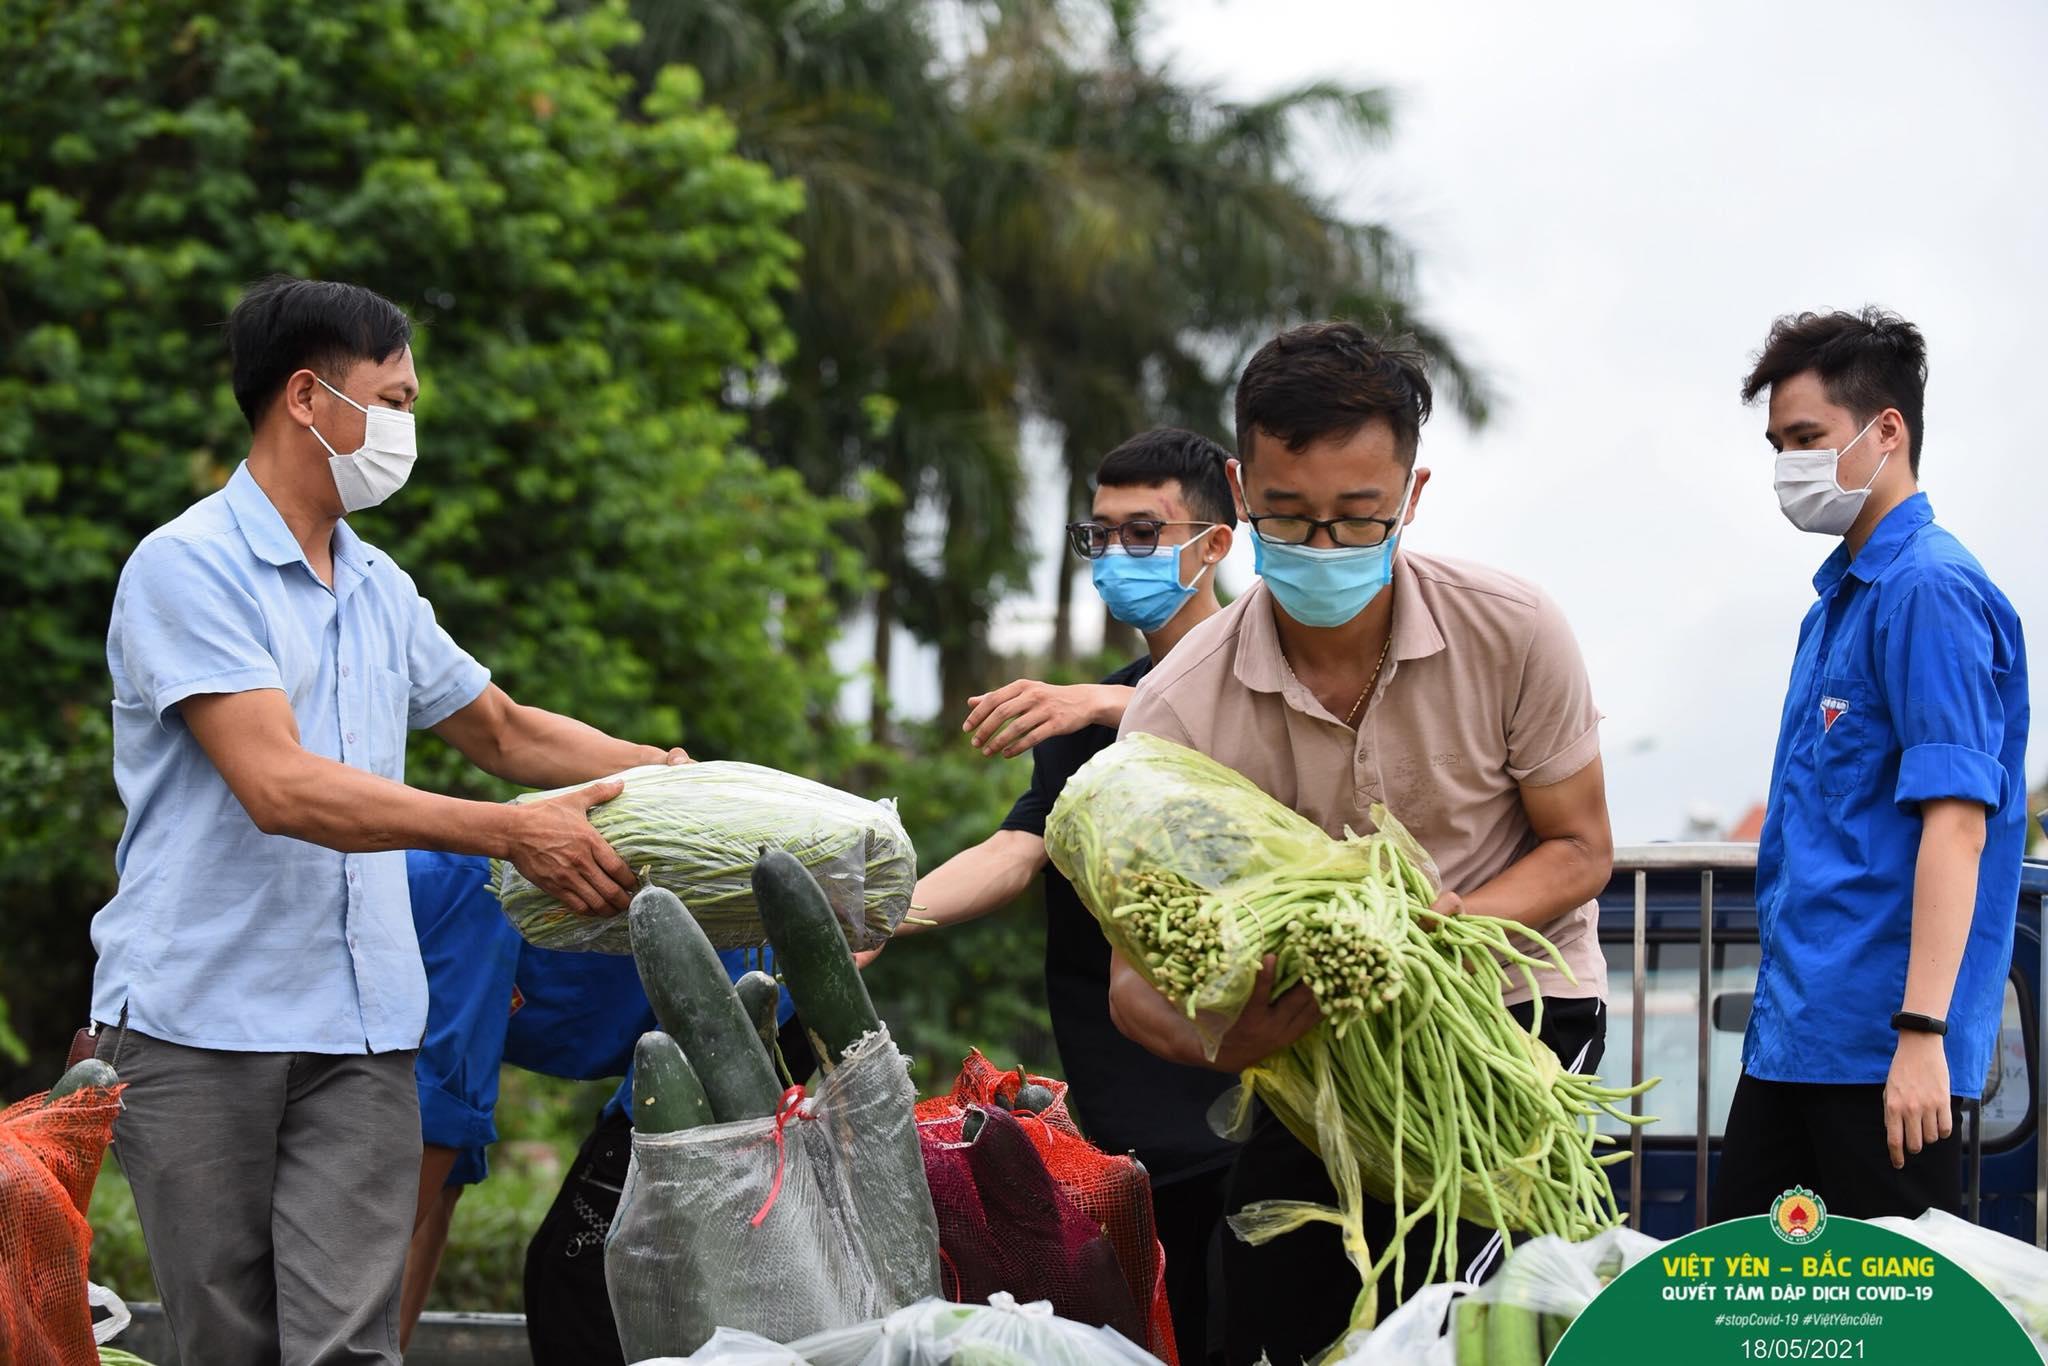 Tuấn Anh (thứ hai từ phải sang) đang tiếp nhận thực phẩm cứu trợ cho công nhân. Ảnh: Huyện đoàn Việt Yên.